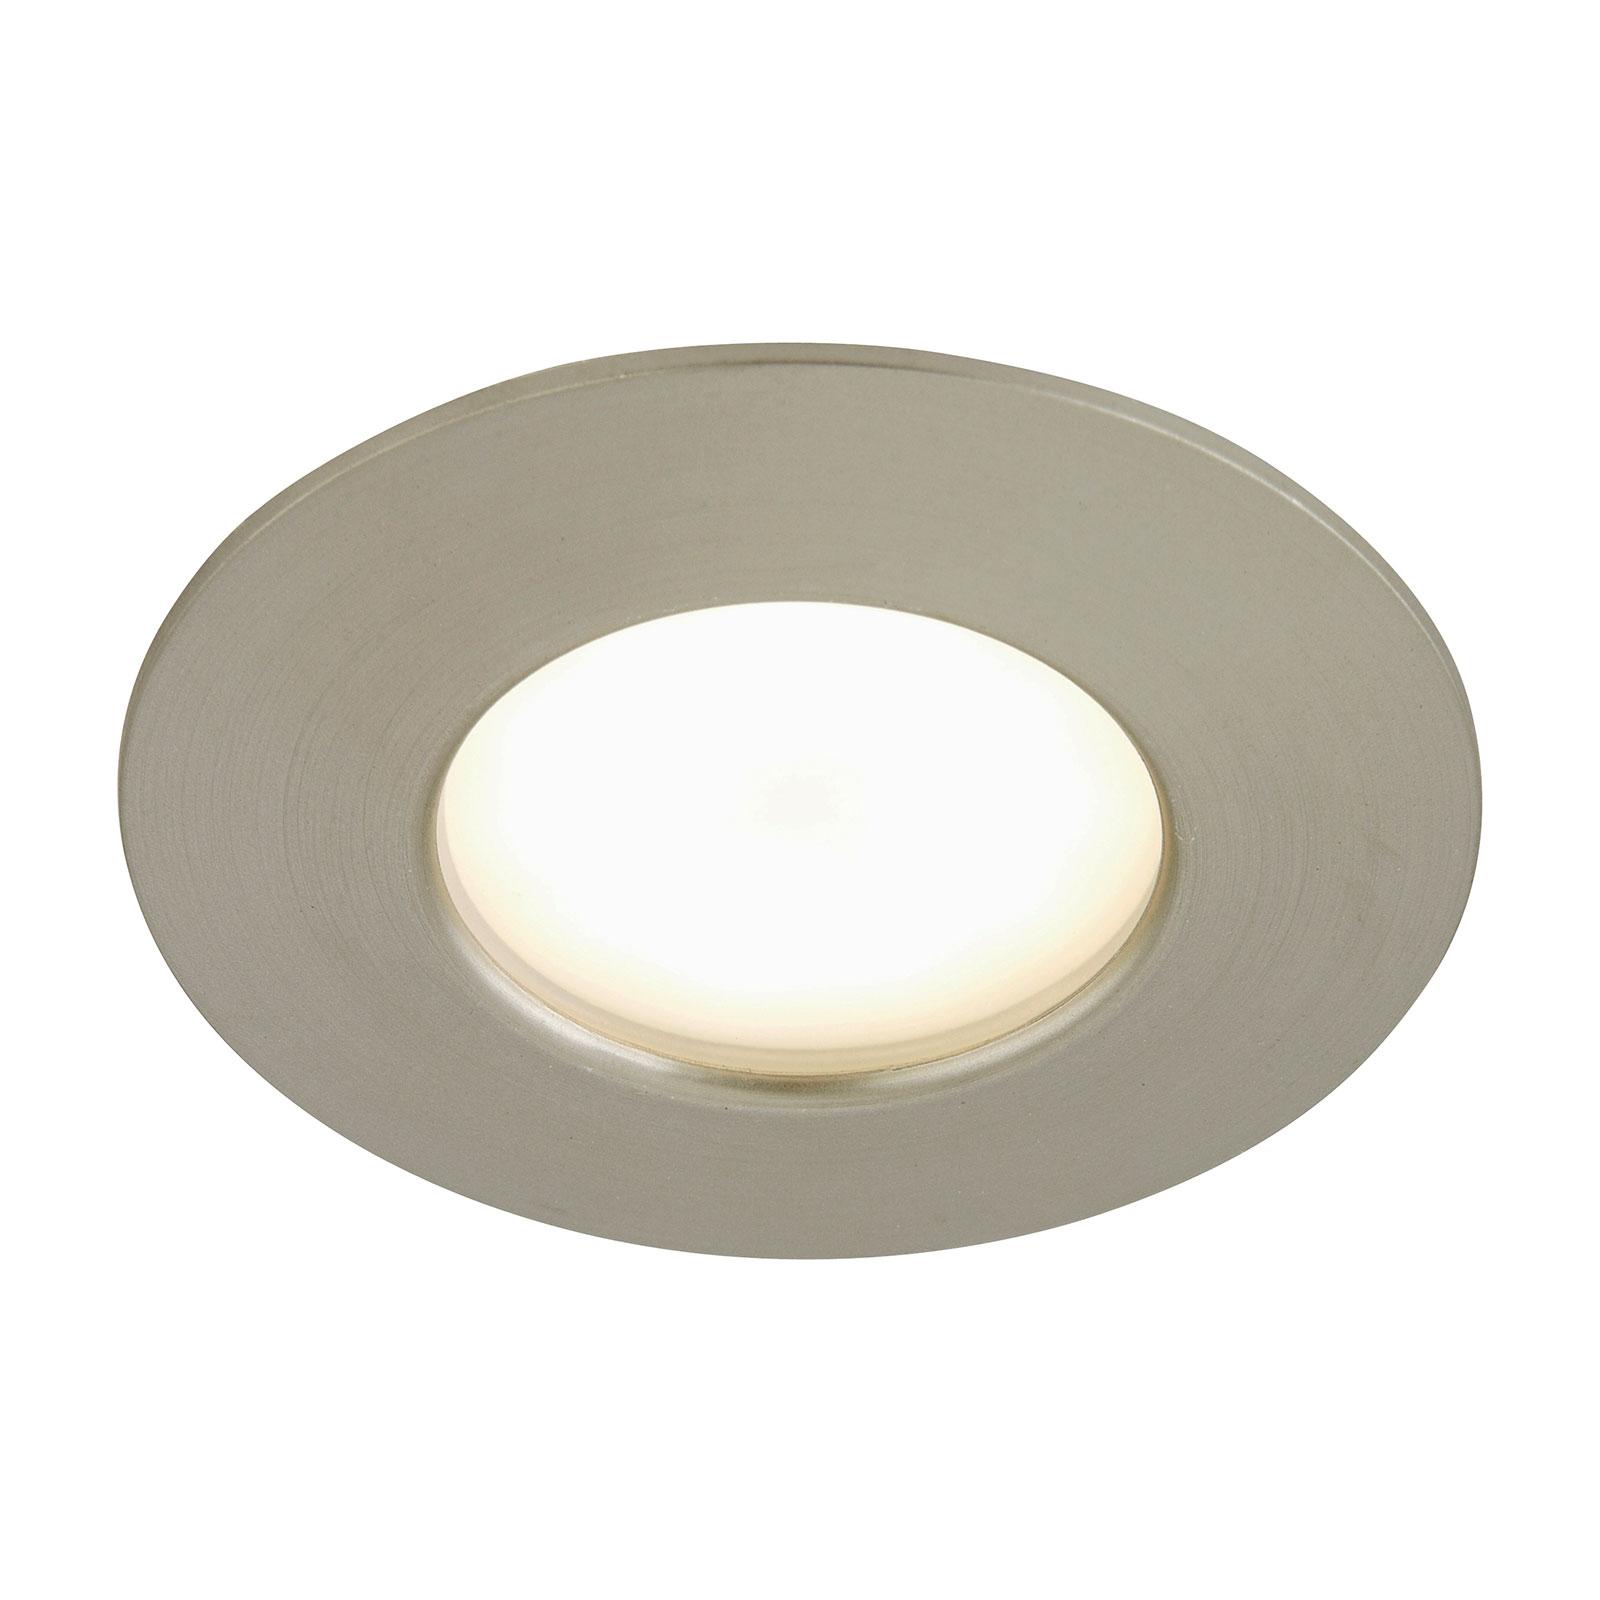 LED-inbyggnadslampa Till, utomhus, matt nickel